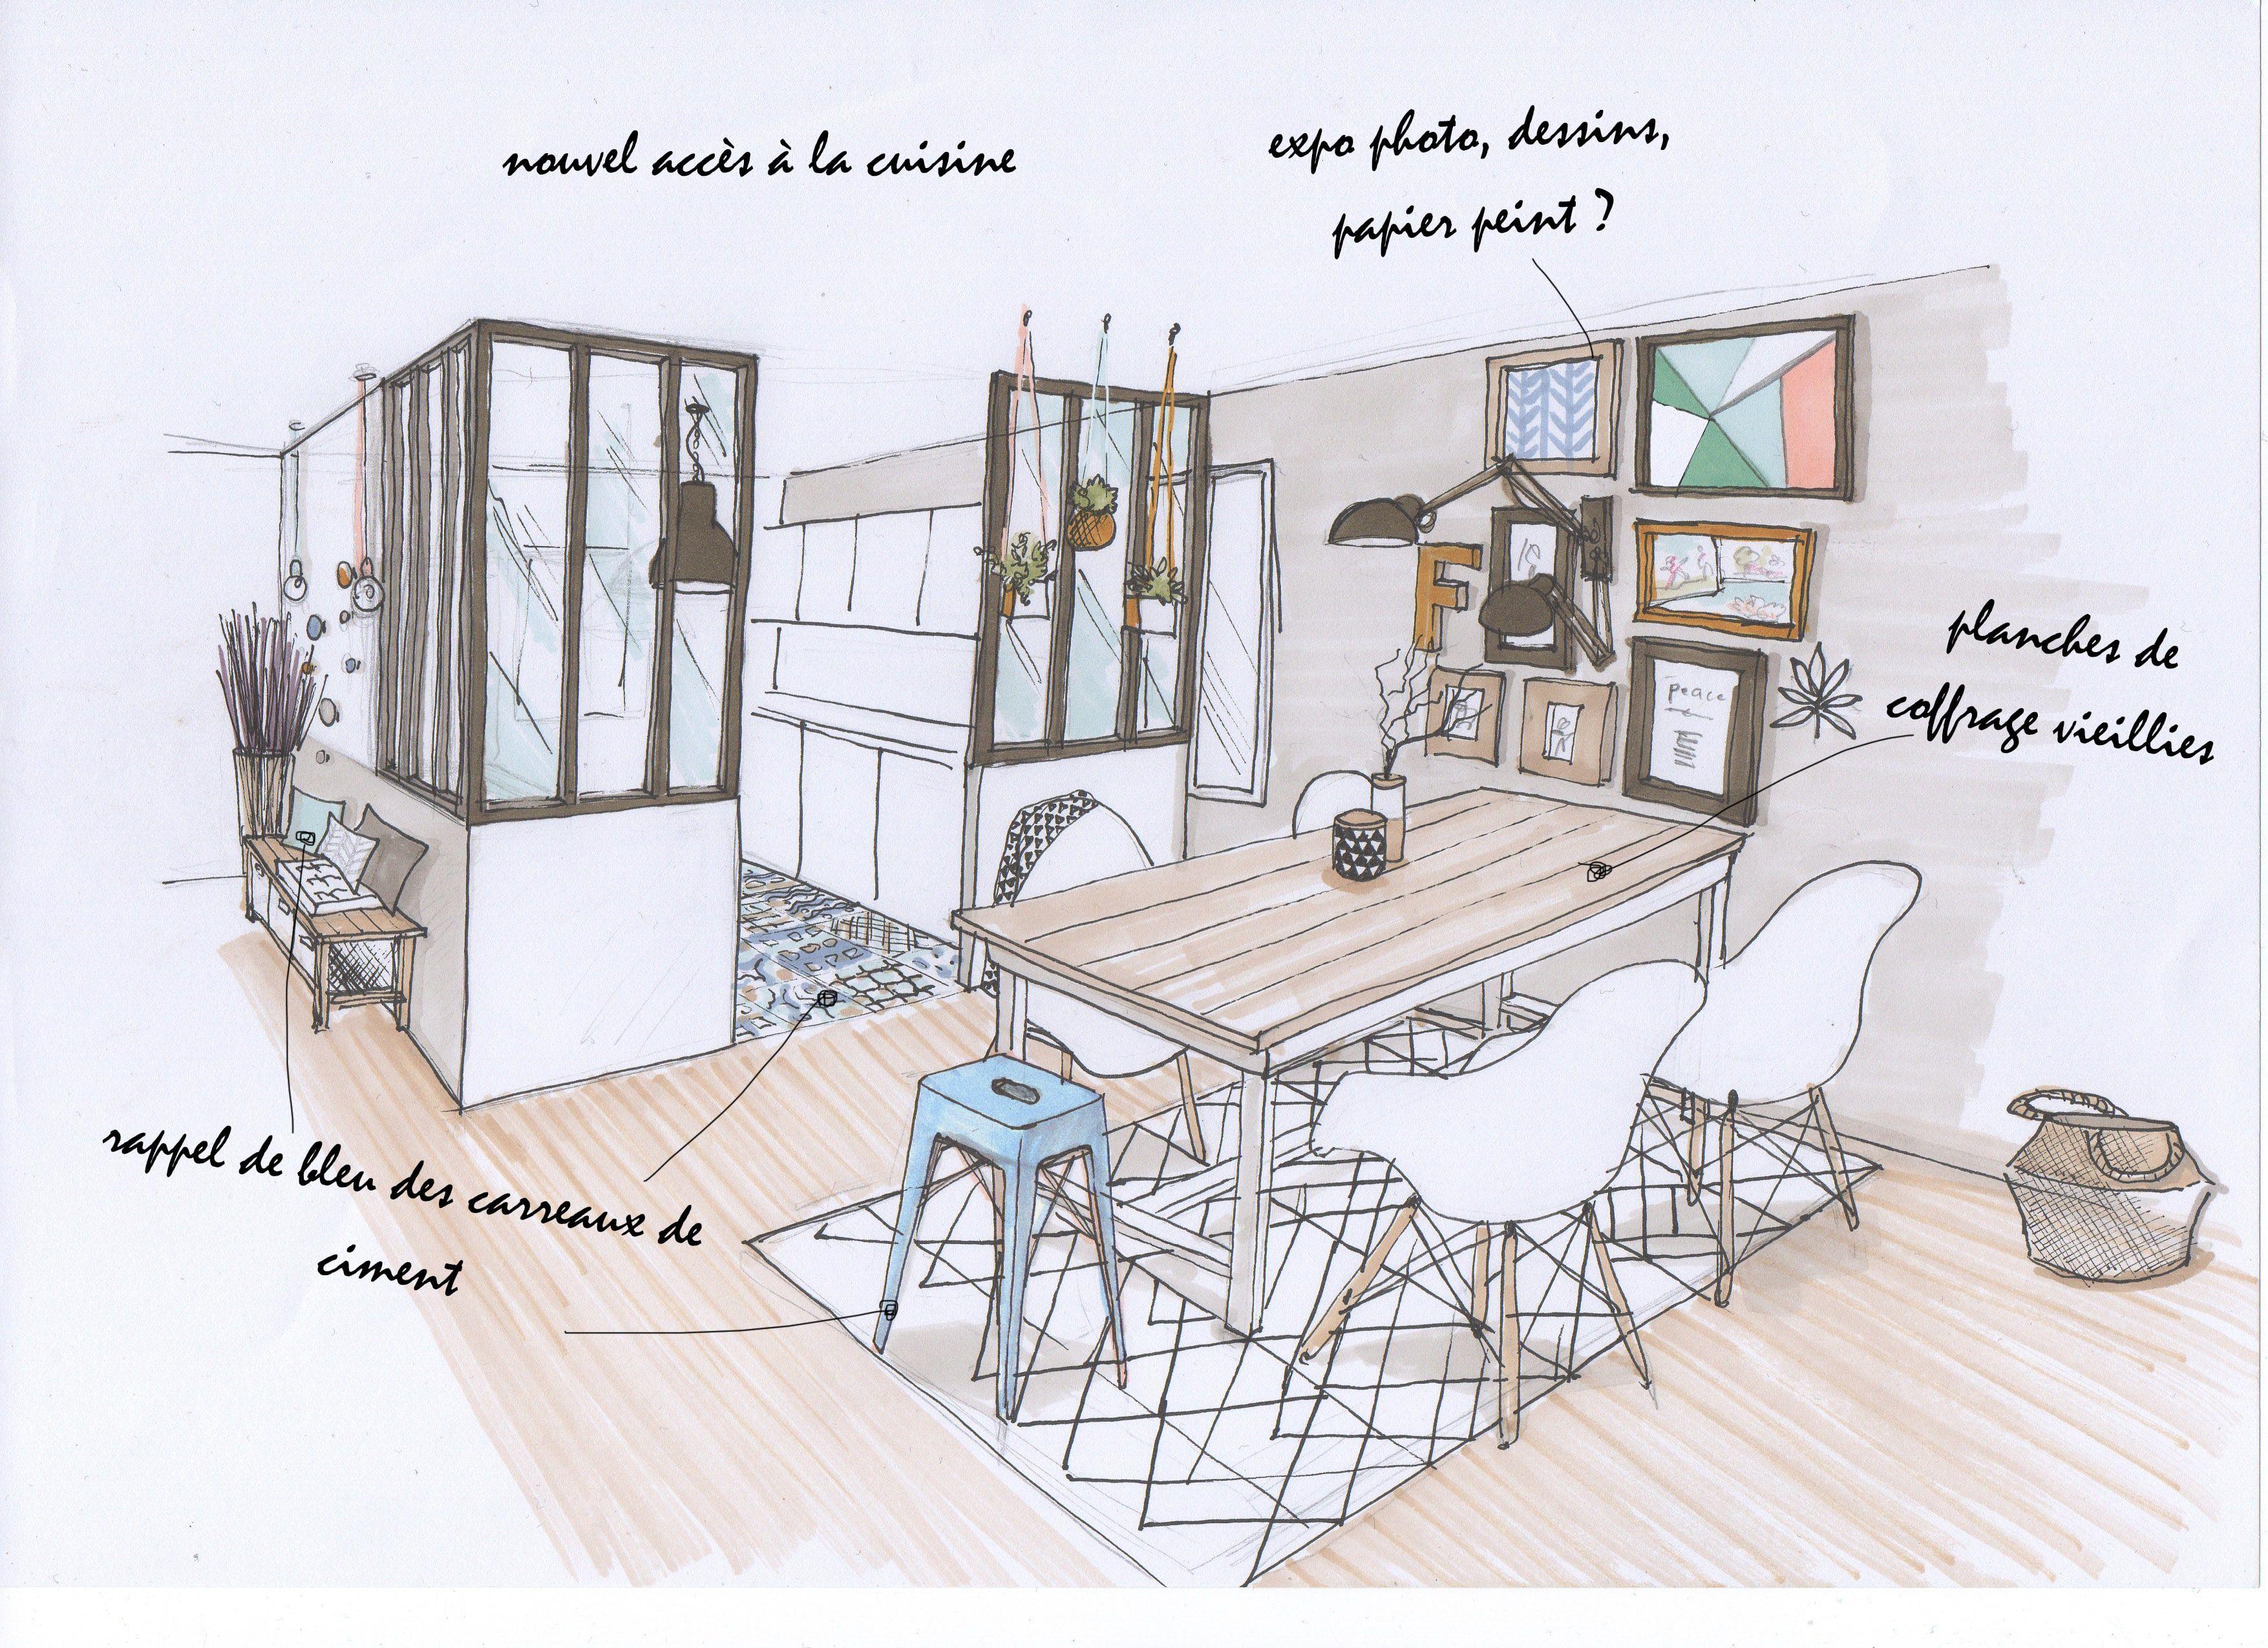 Une cuisine ouverte avec une jolie verri re d 39 atelier et - Jolie cuisine ouverte ...